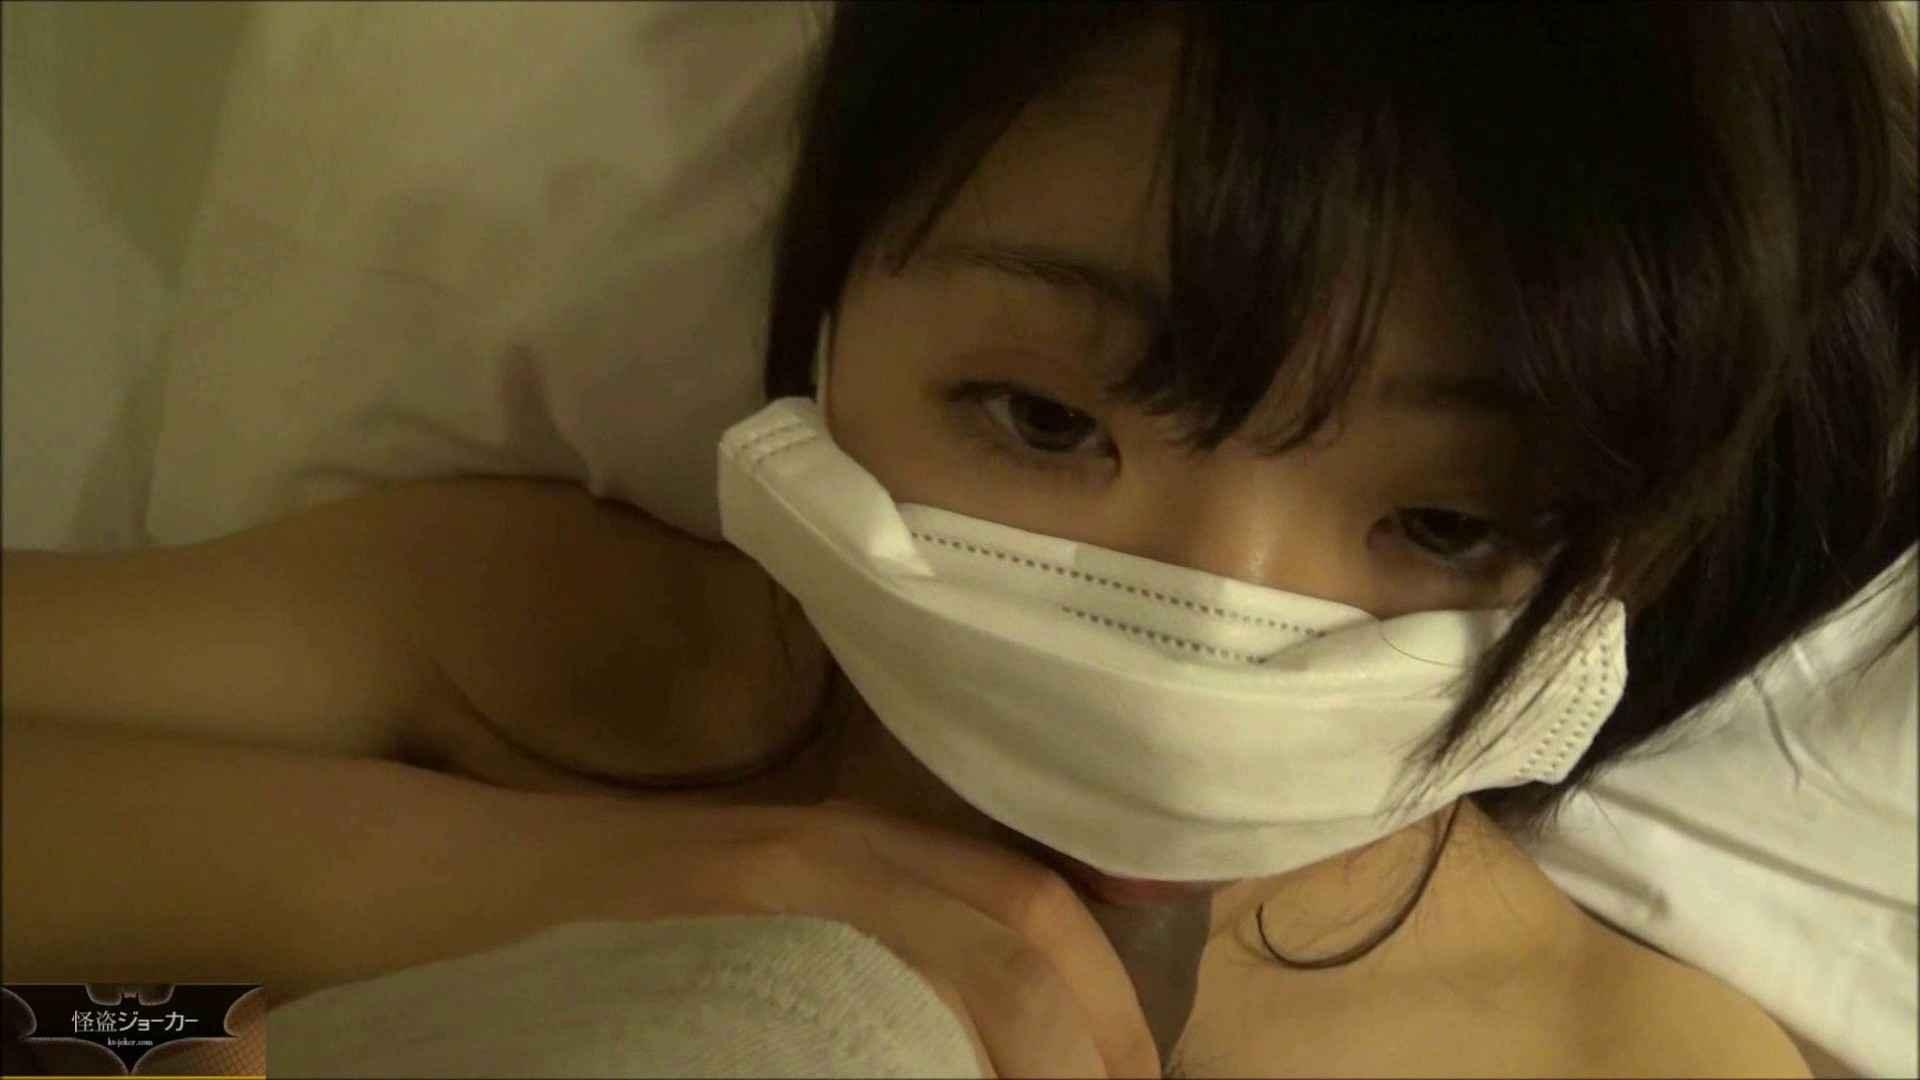 【未公開】vol.79 {関東某有名お嬢様JD}yuunaちゃん③ フェラ アダルト動画キャプチャ 93枚 53